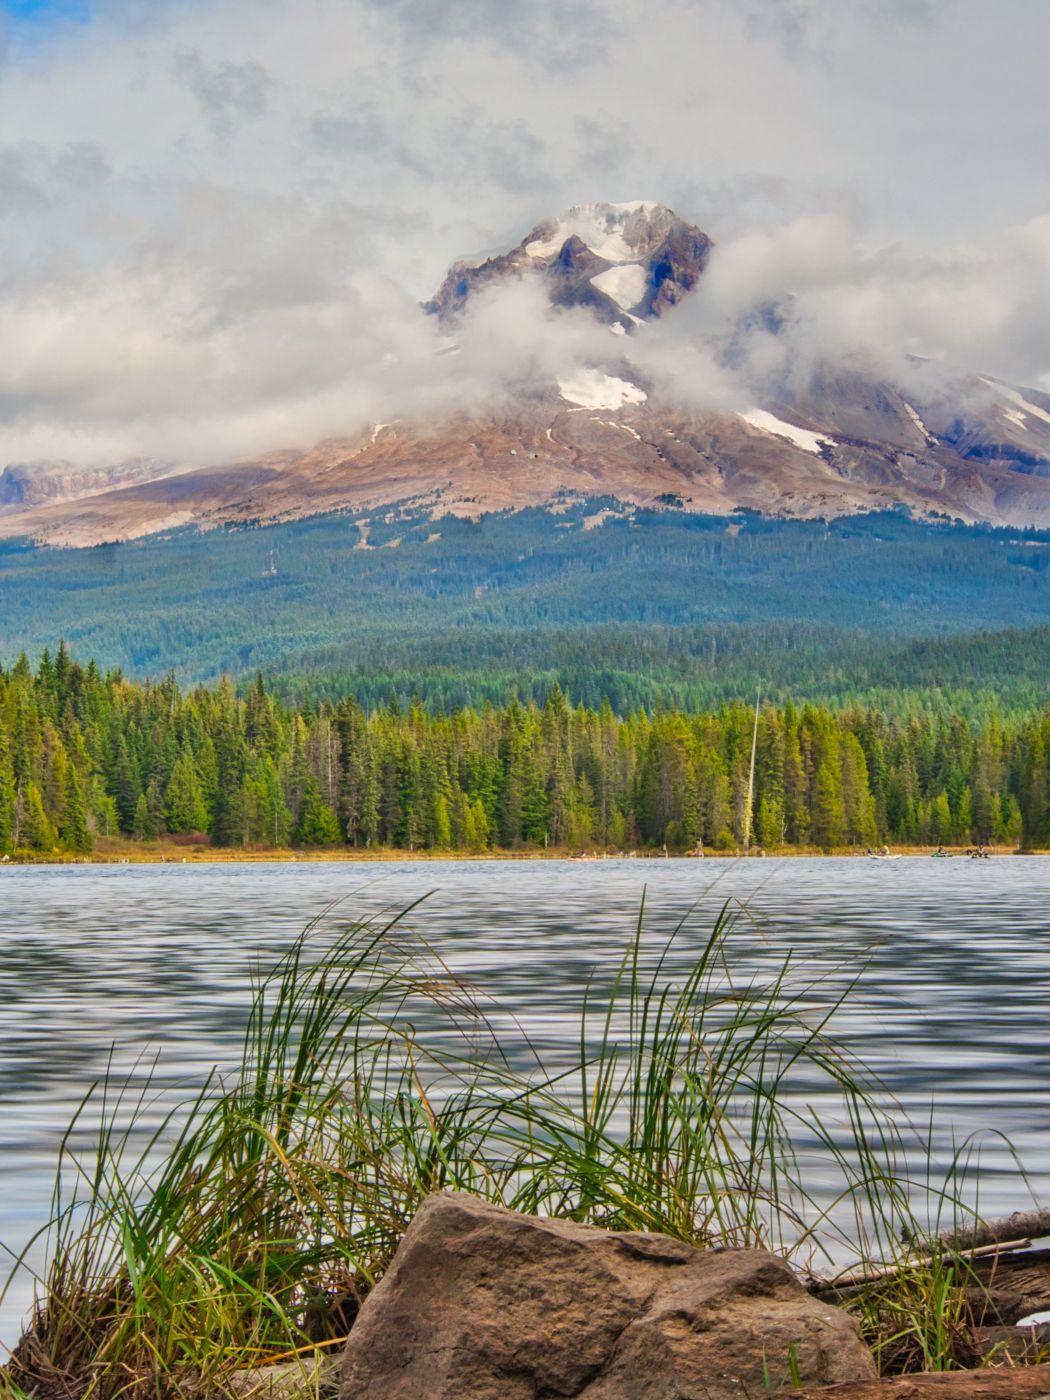 Mount Hood from Trillium Lake, USA